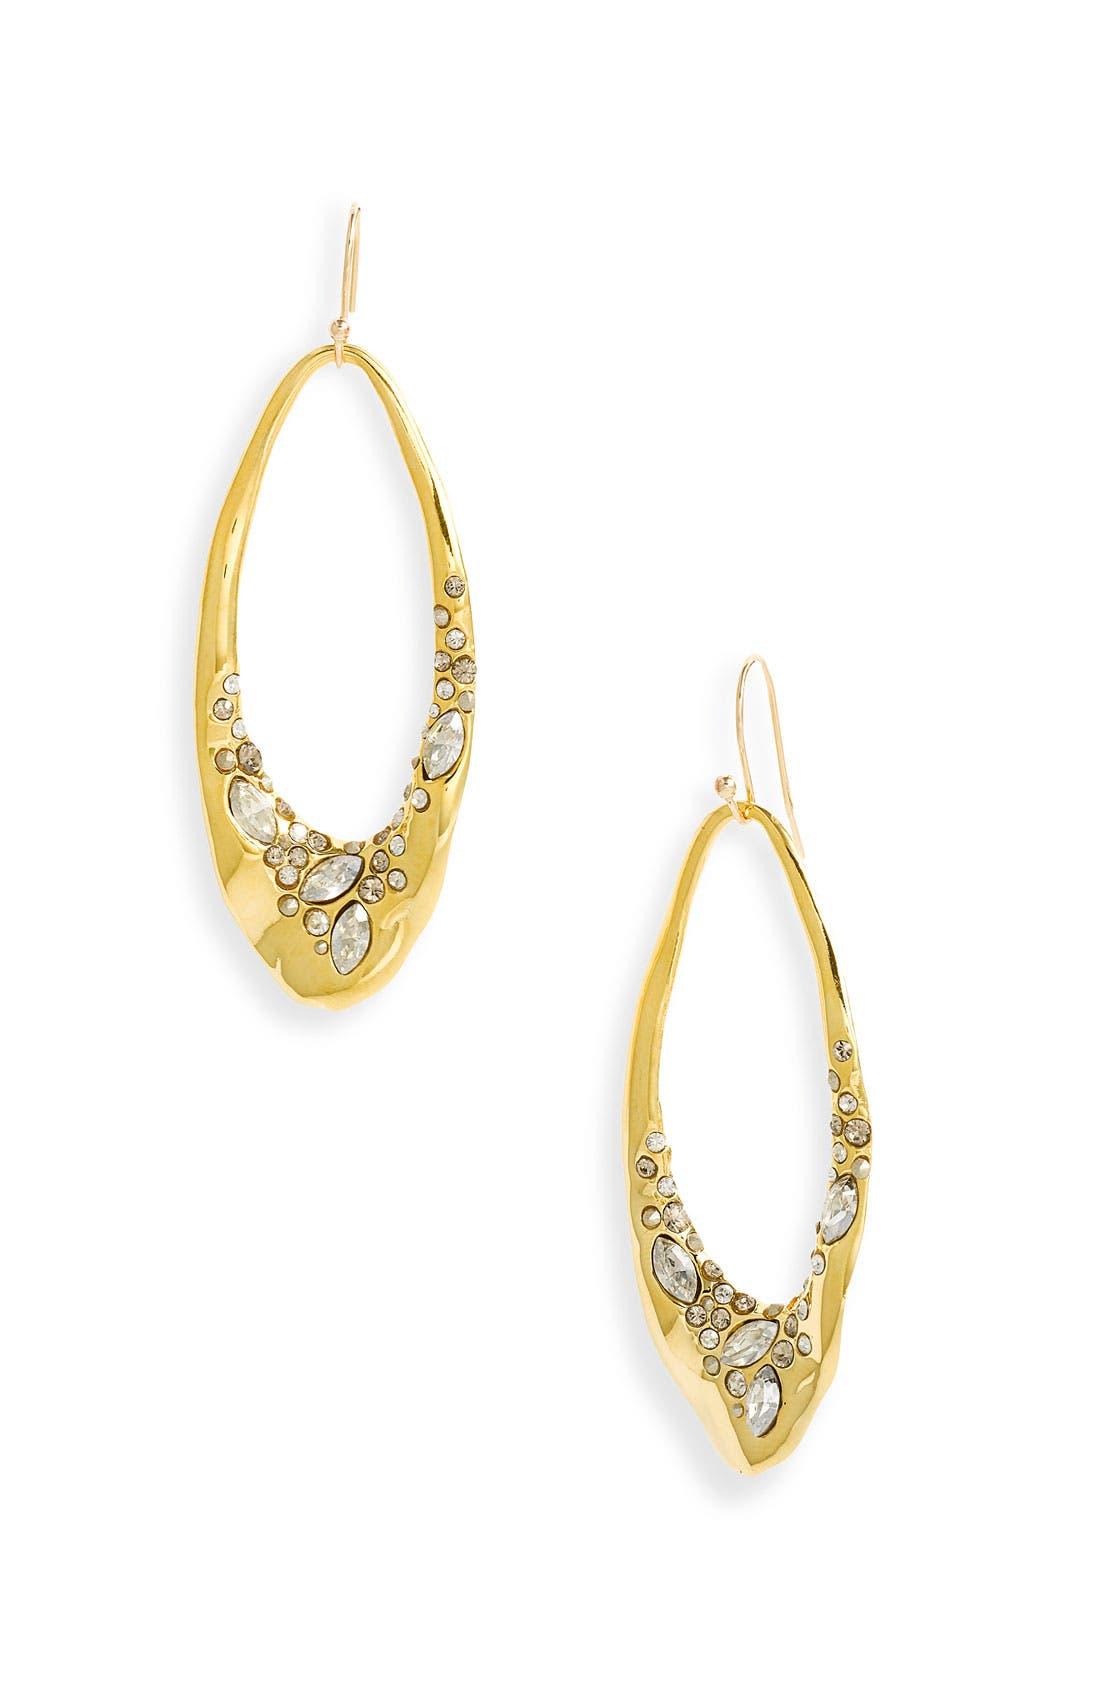 Main Image - Alexis Bittar 'Miss Havisham' Encrusted Liquid Link Earrings